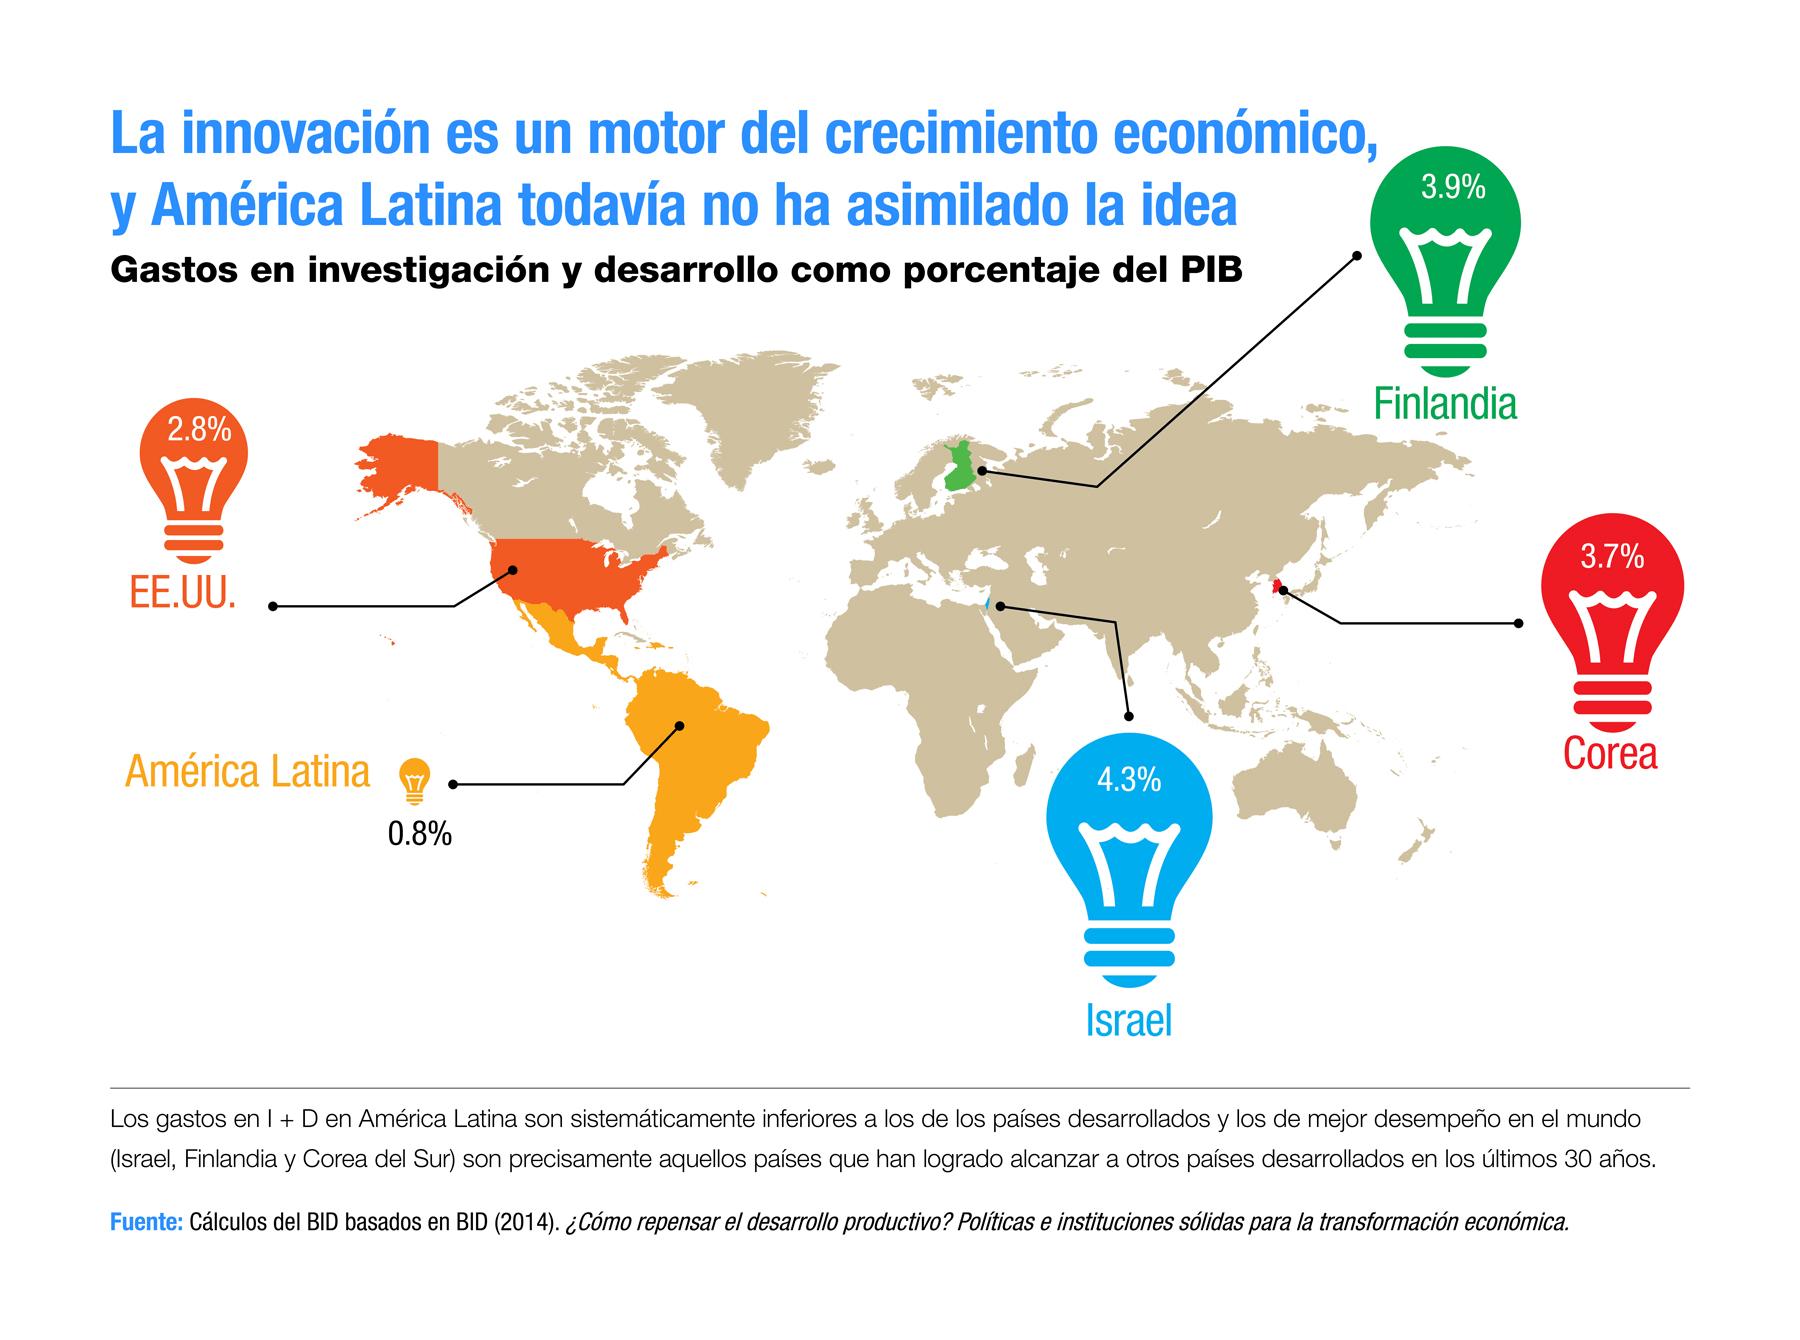 La innovación como motor del crecimiento económico